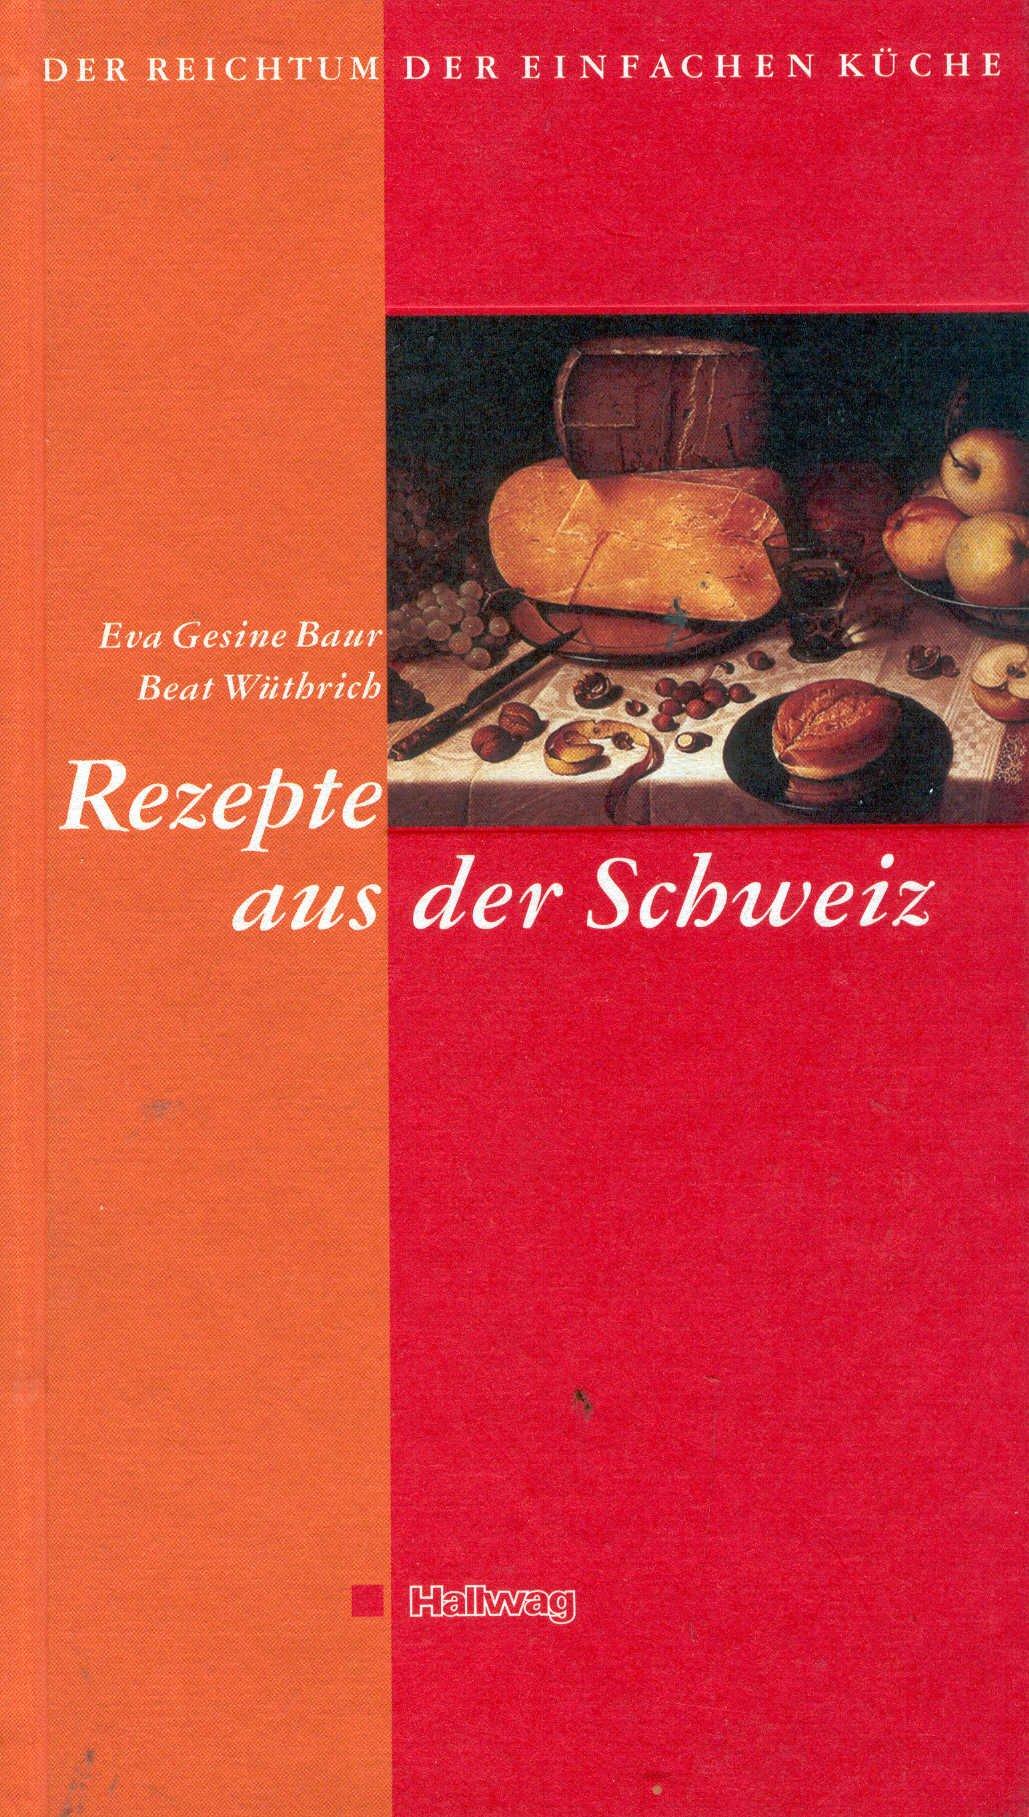 Der Reichtum der einfachen Küche, Rezepte aus der Schweiz